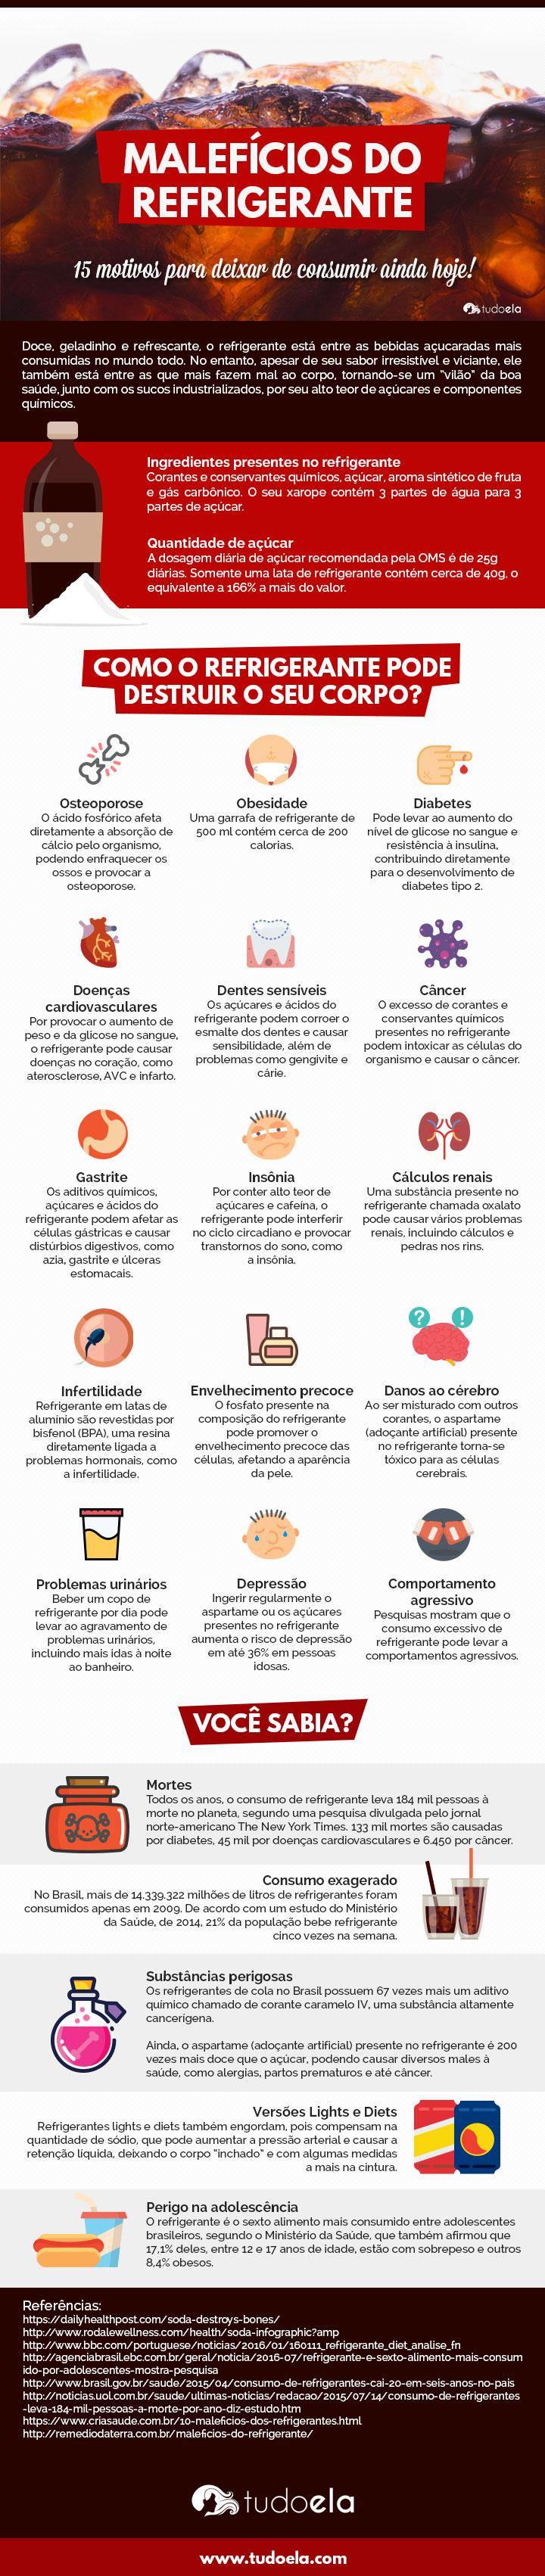 Infográfico malefícios do refrigerante